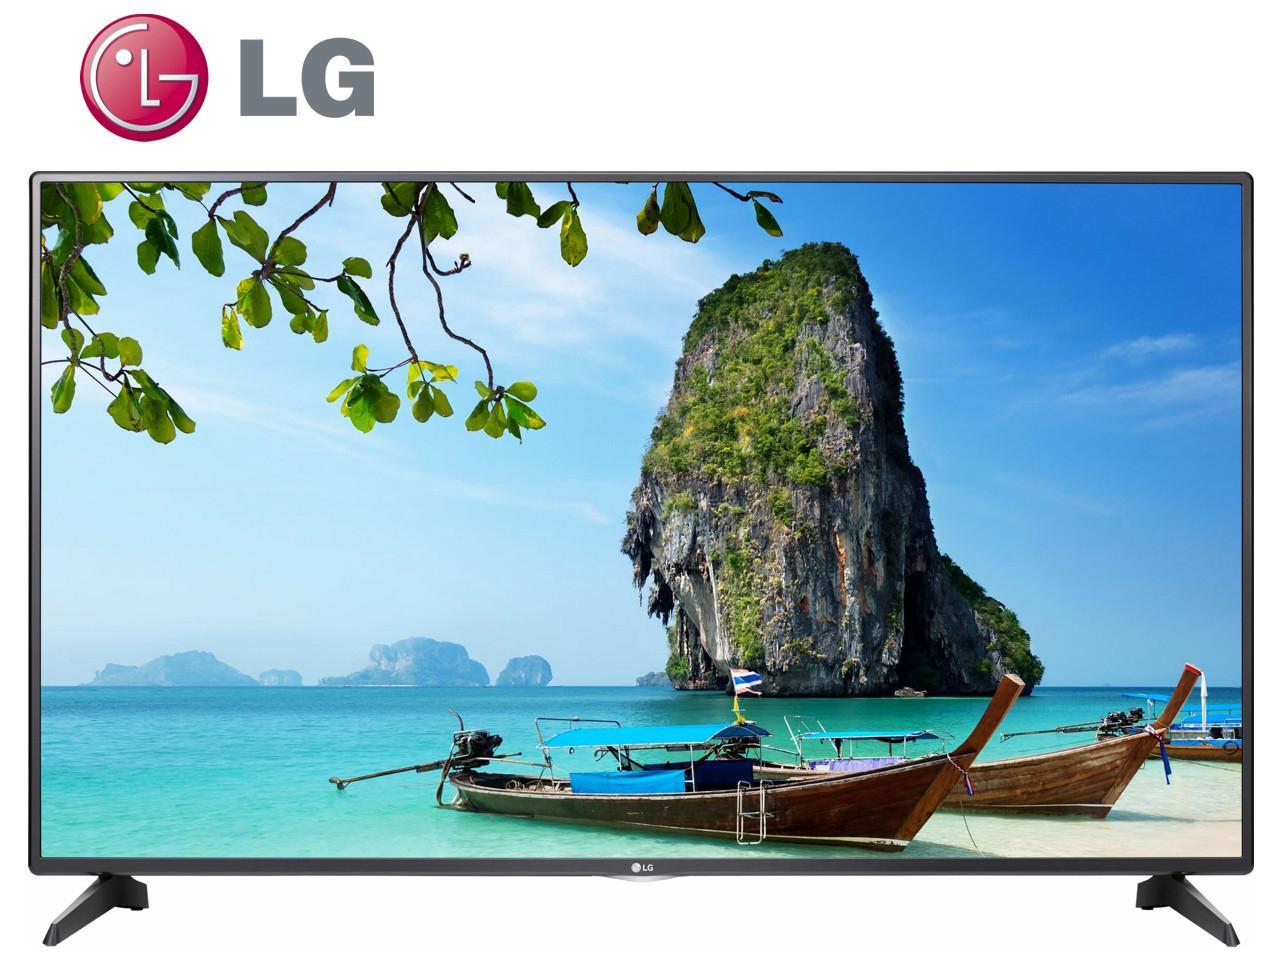 LG 55LH545V + 500 Kč na dárky nebo další nákup | CHAT on-line podpora PO-PÁ 8-22.00!!